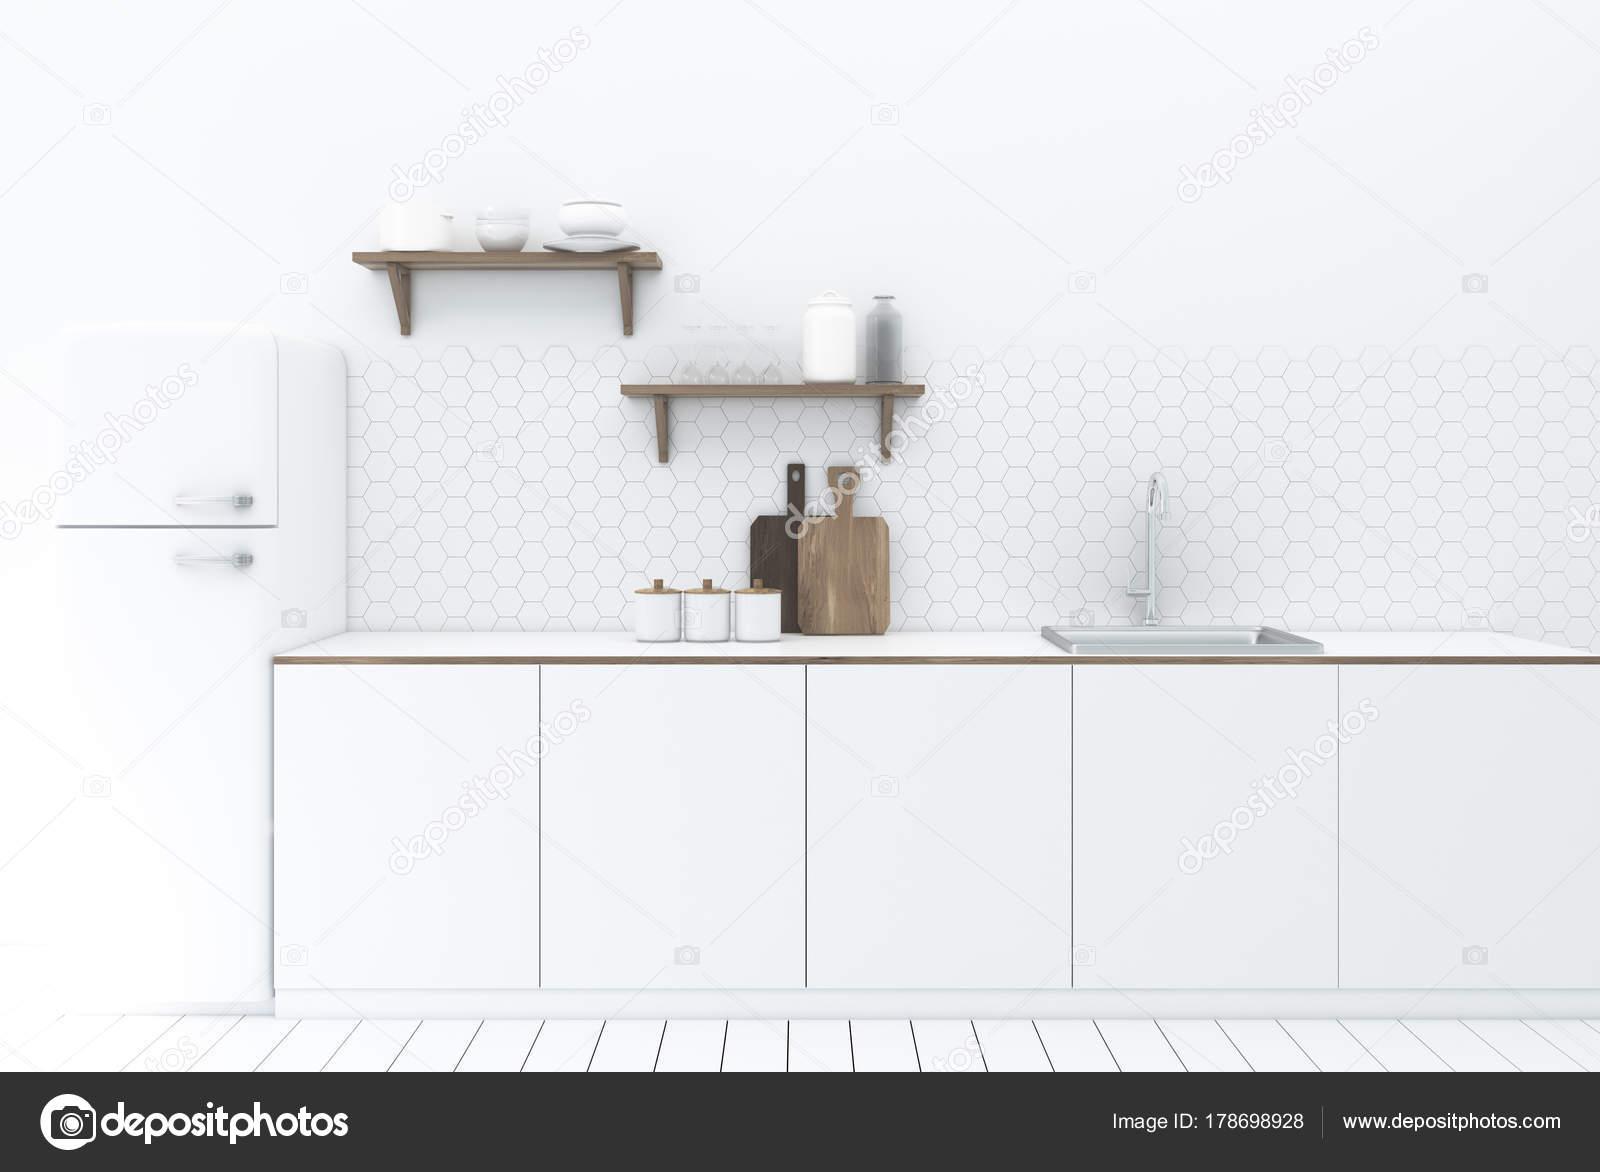 Esagono bianco piastrelle cucina interni u foto stock